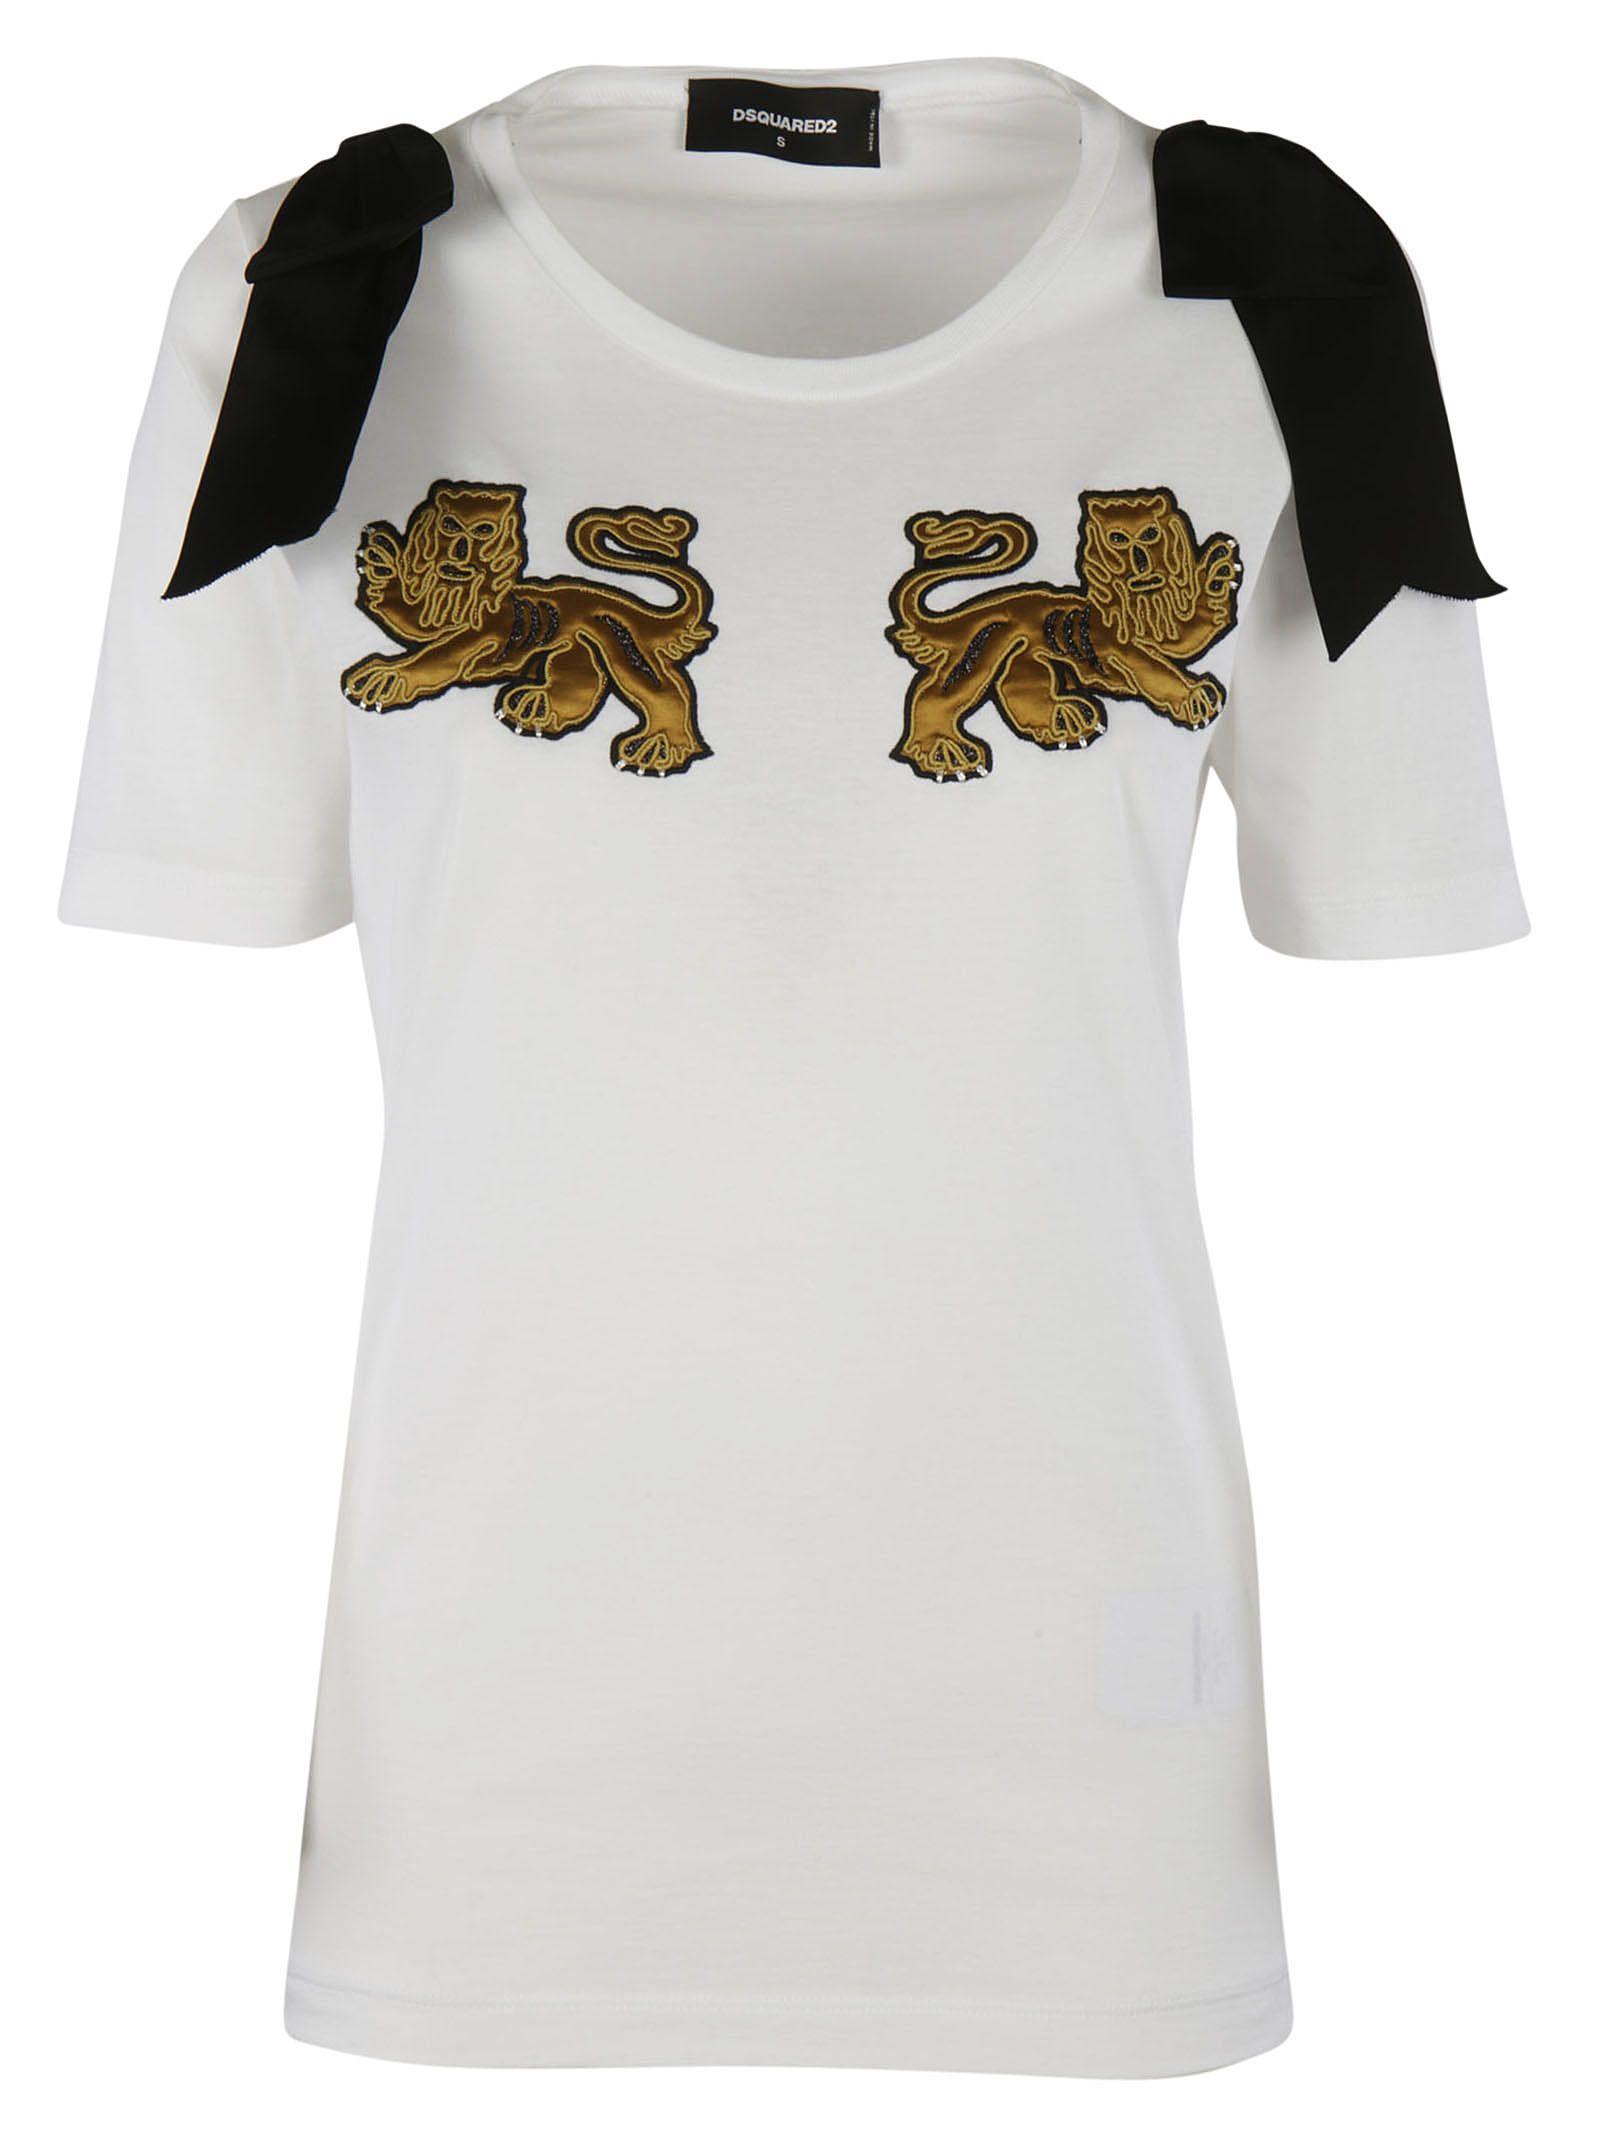 Dsquared2 Lion T-shirt